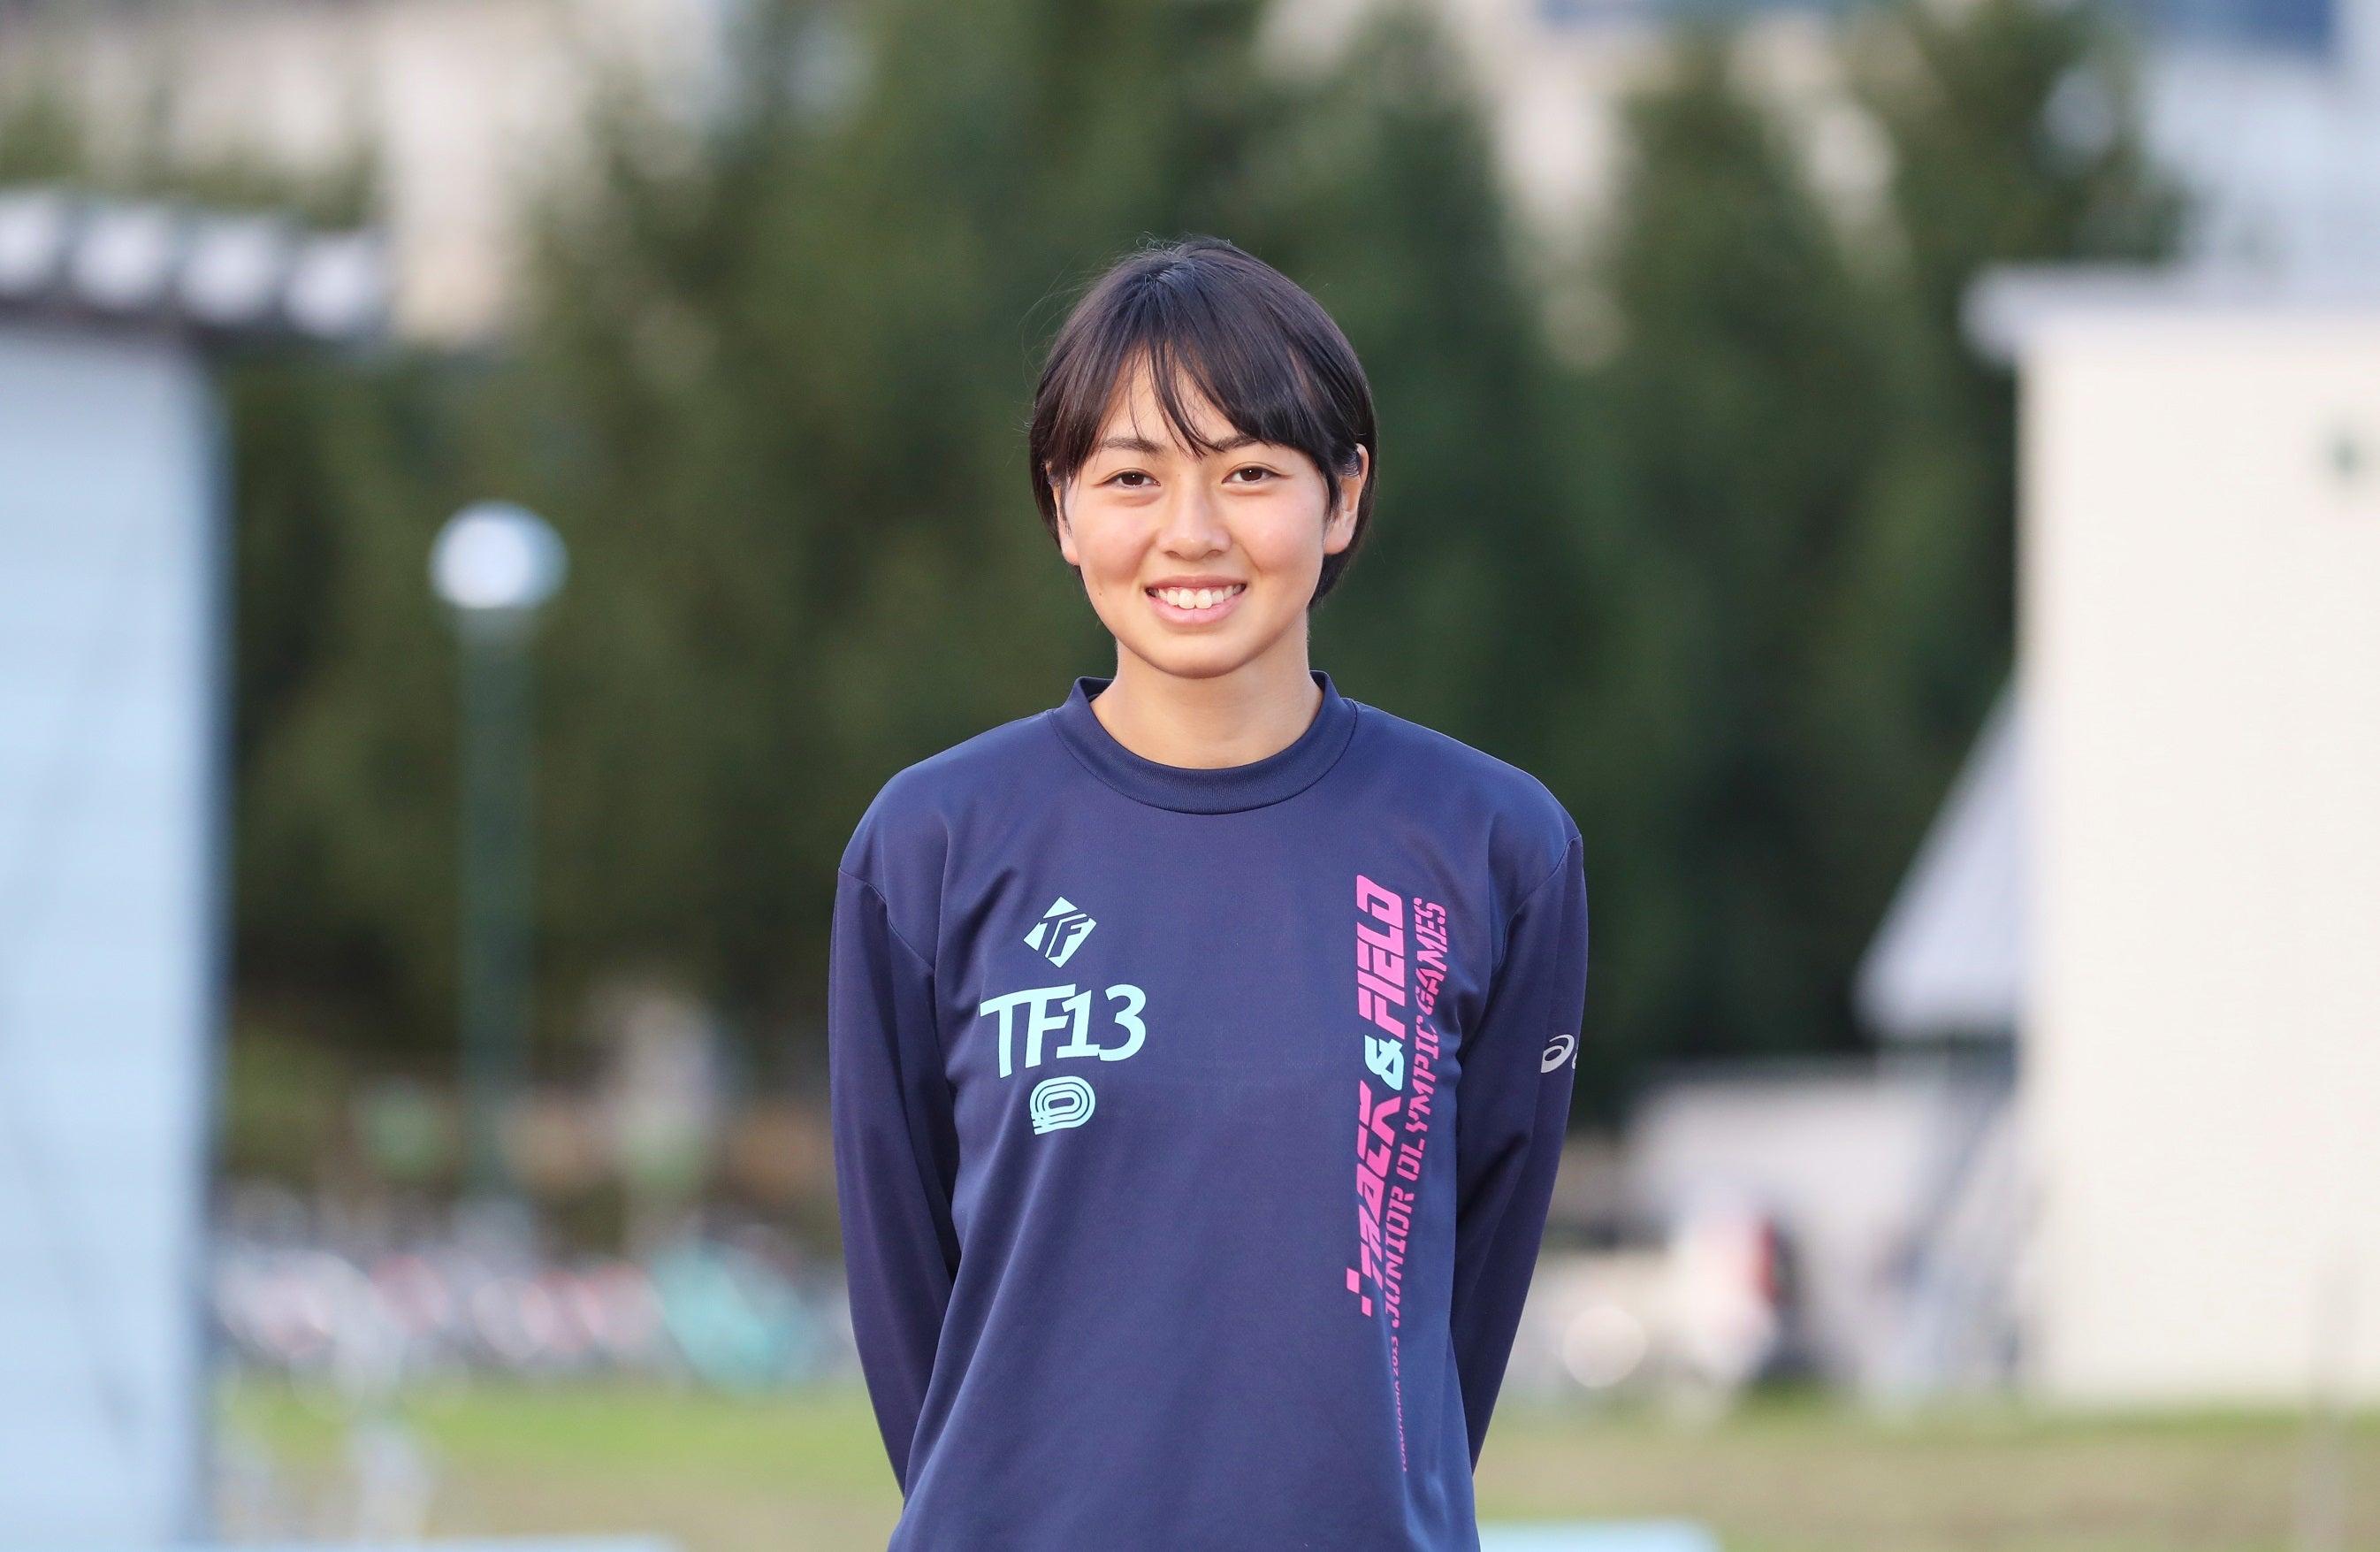 【10/25最新号発売】山田美来選手を取材!